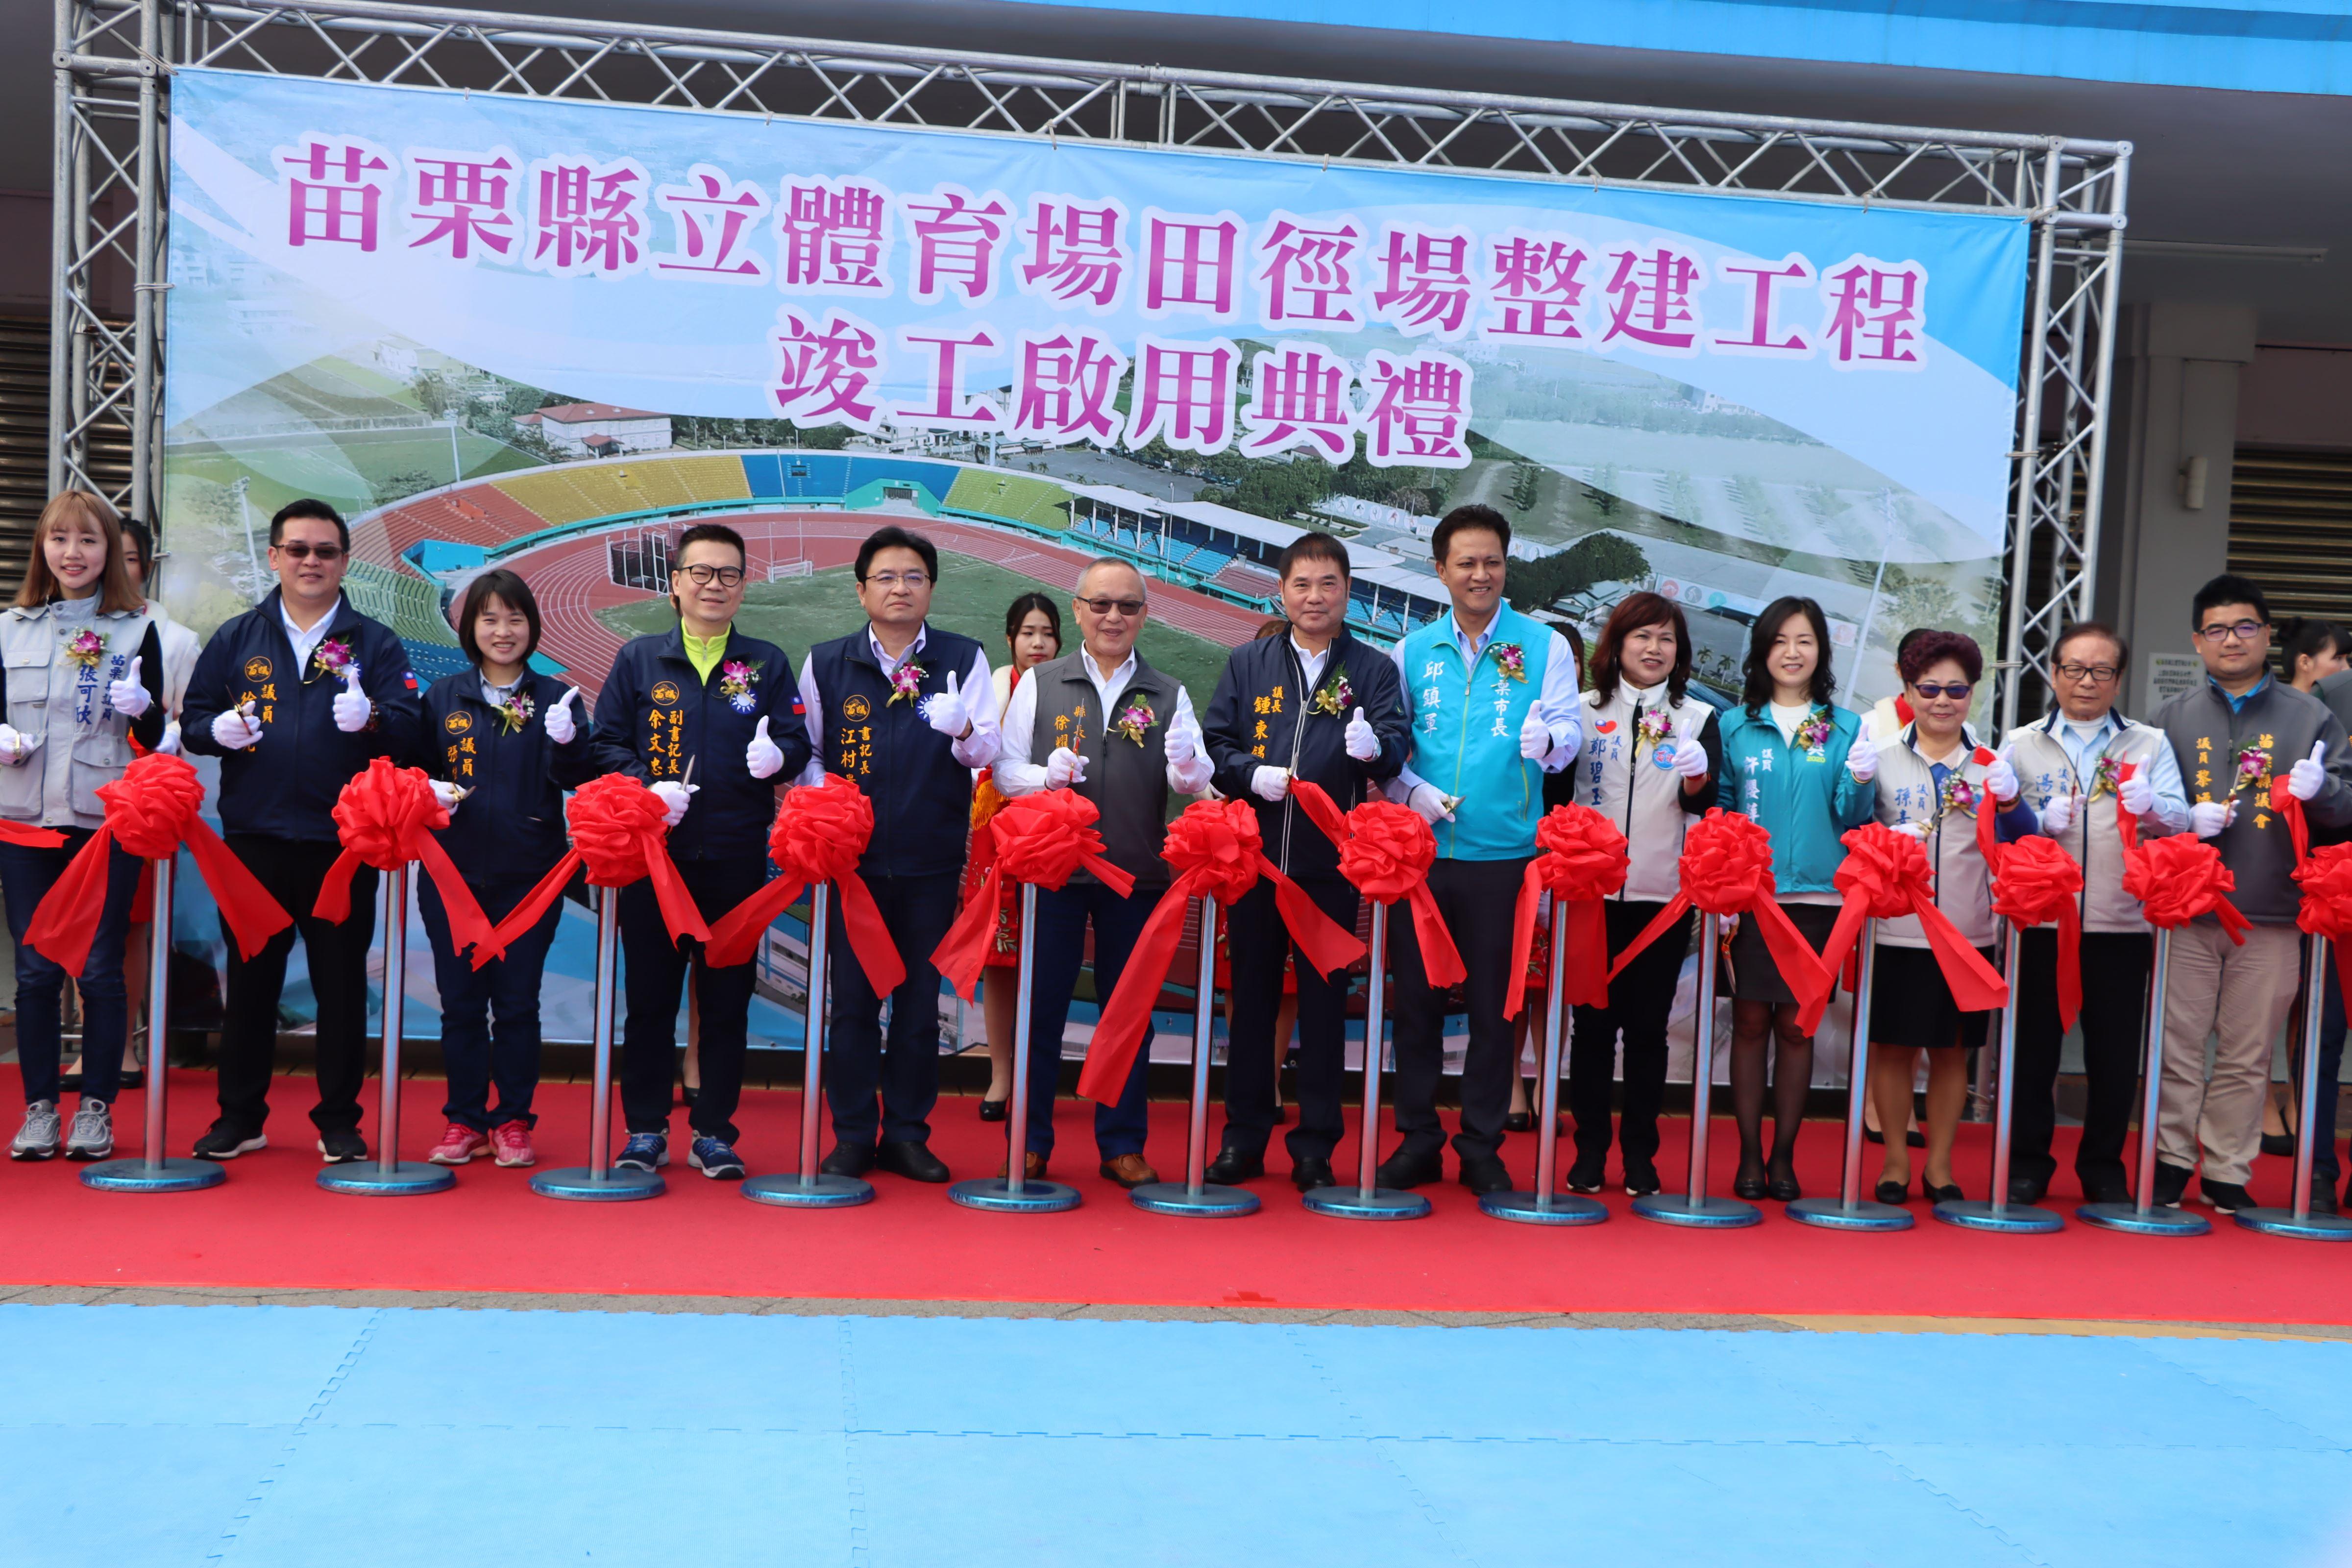 縣立體育場整建工程竣工啟用 縣長徐耀昌希望透過更多賽事 鼓勵民眾運動健身落實推廣全民運動